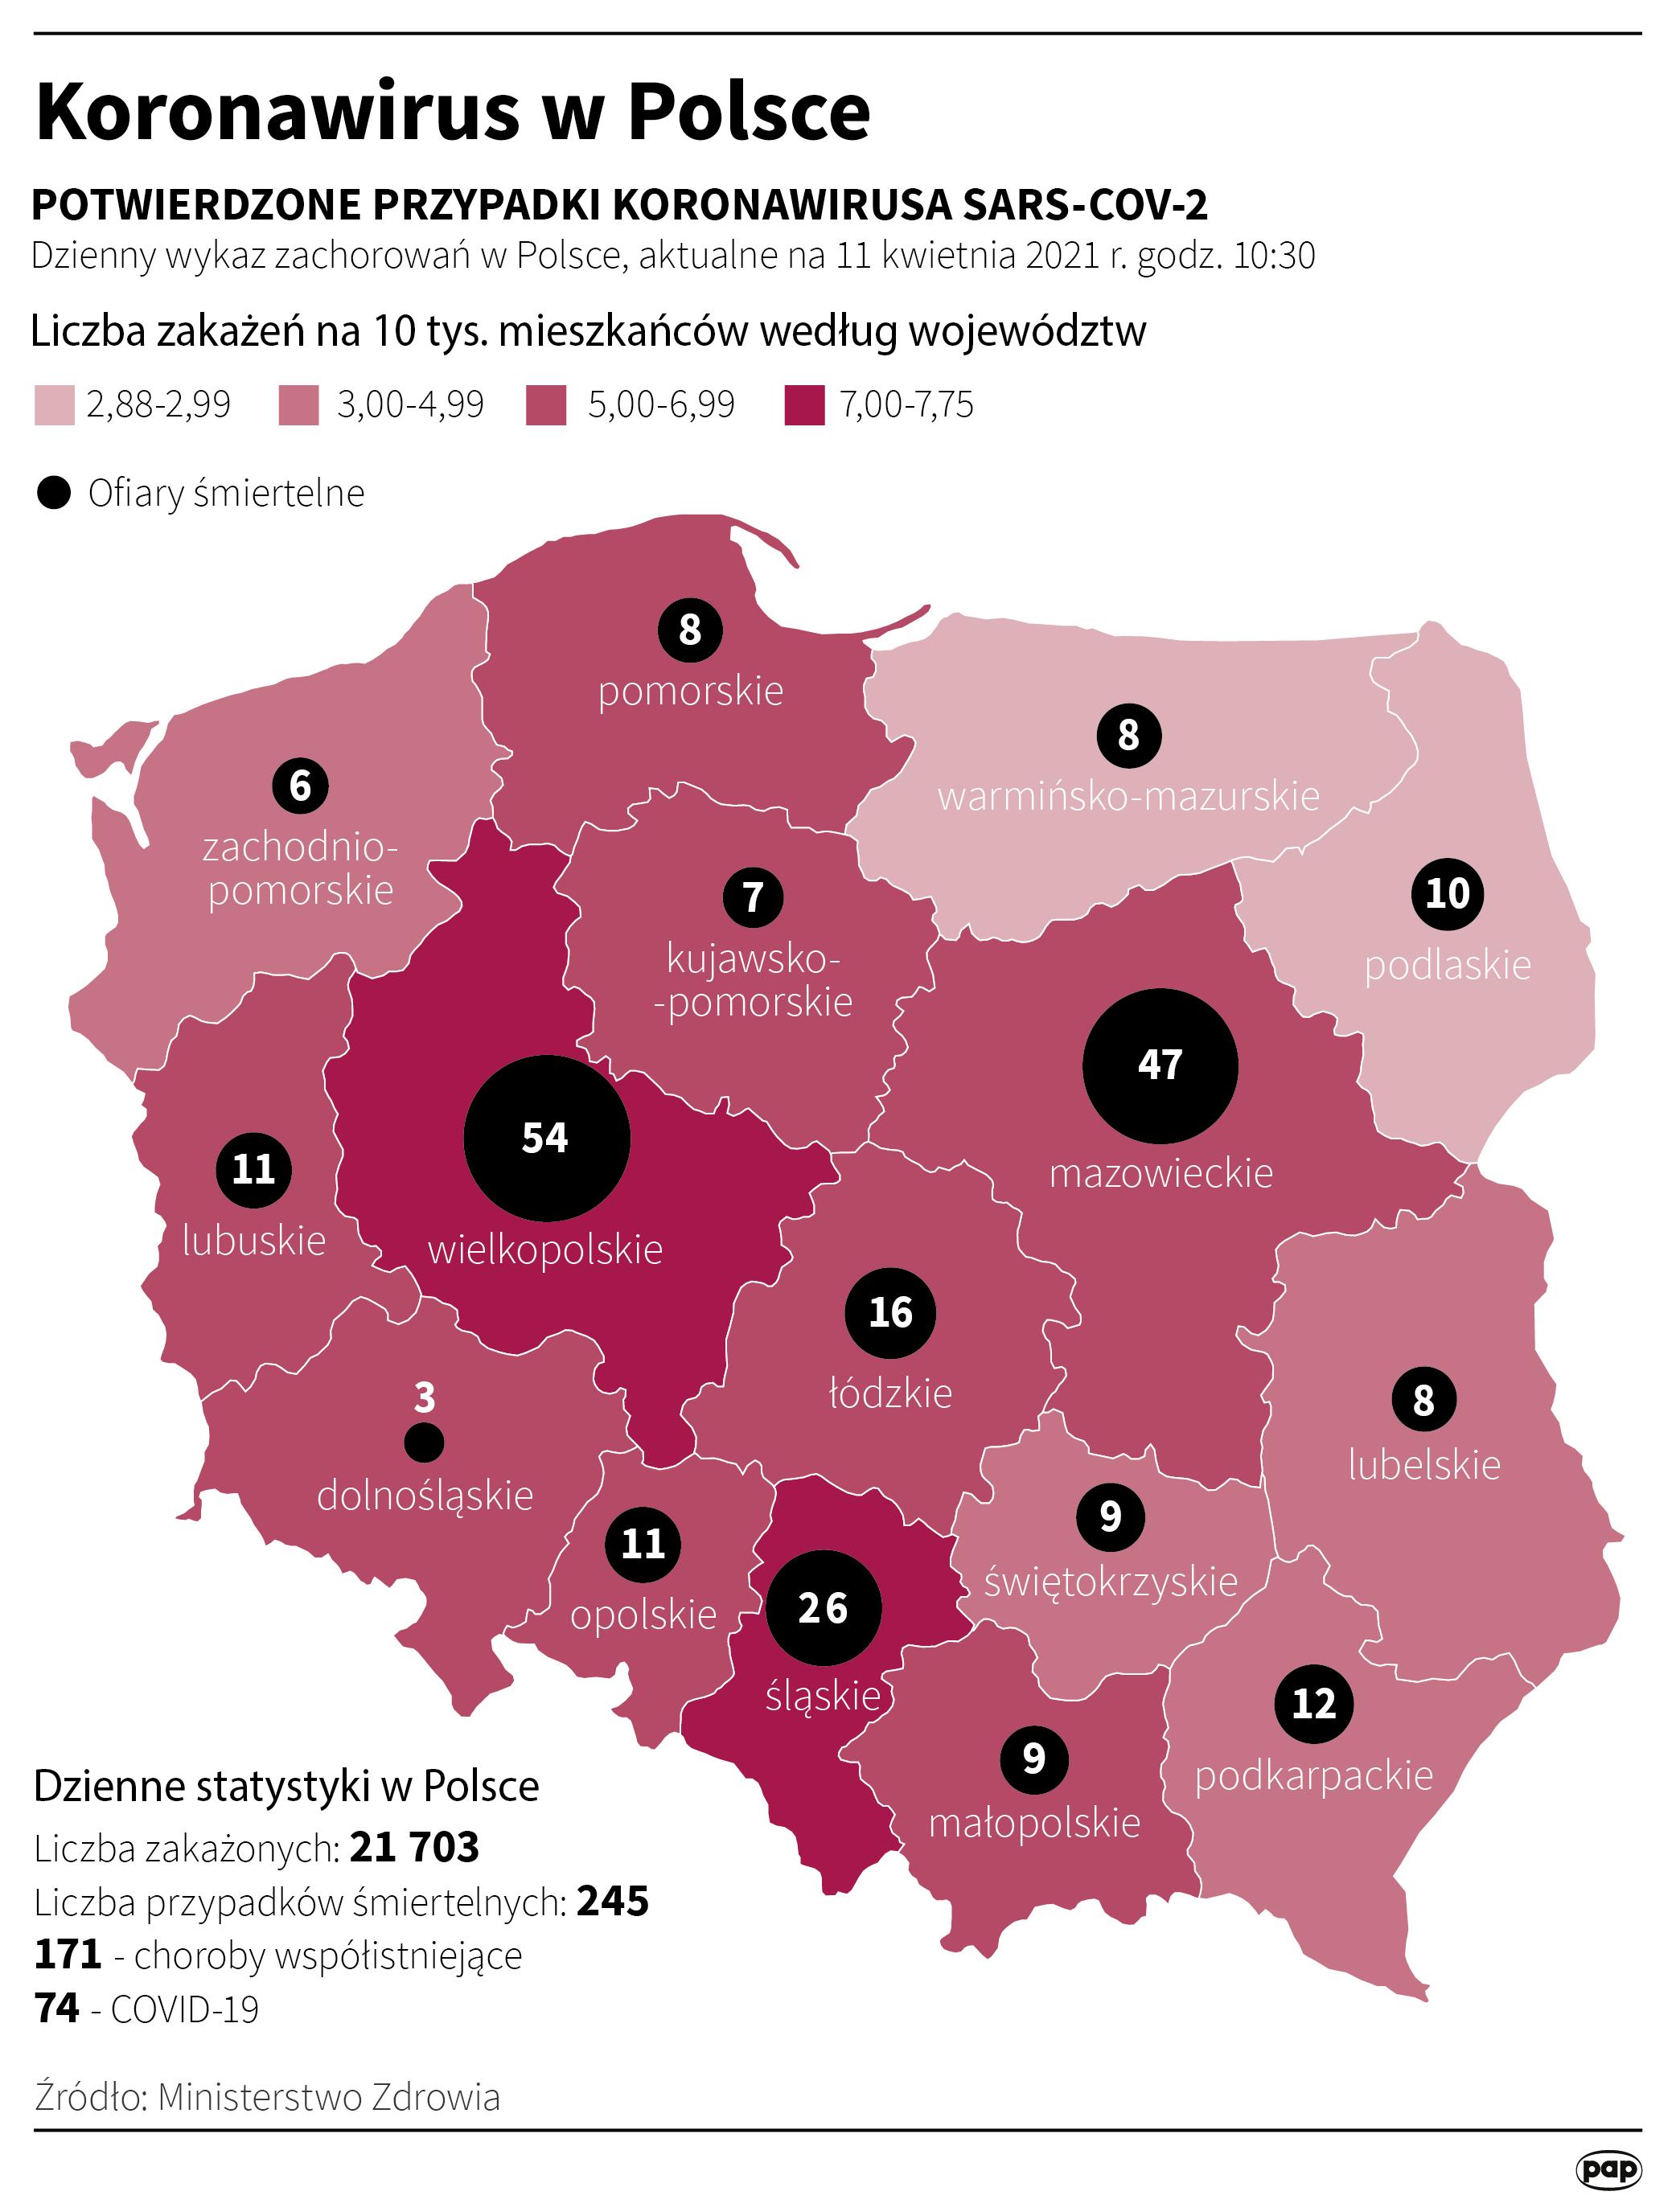 Koronawirus w Polsce - stan na 11 kwietnia [Autor: Maciej Zieliński, źródło: PAP]